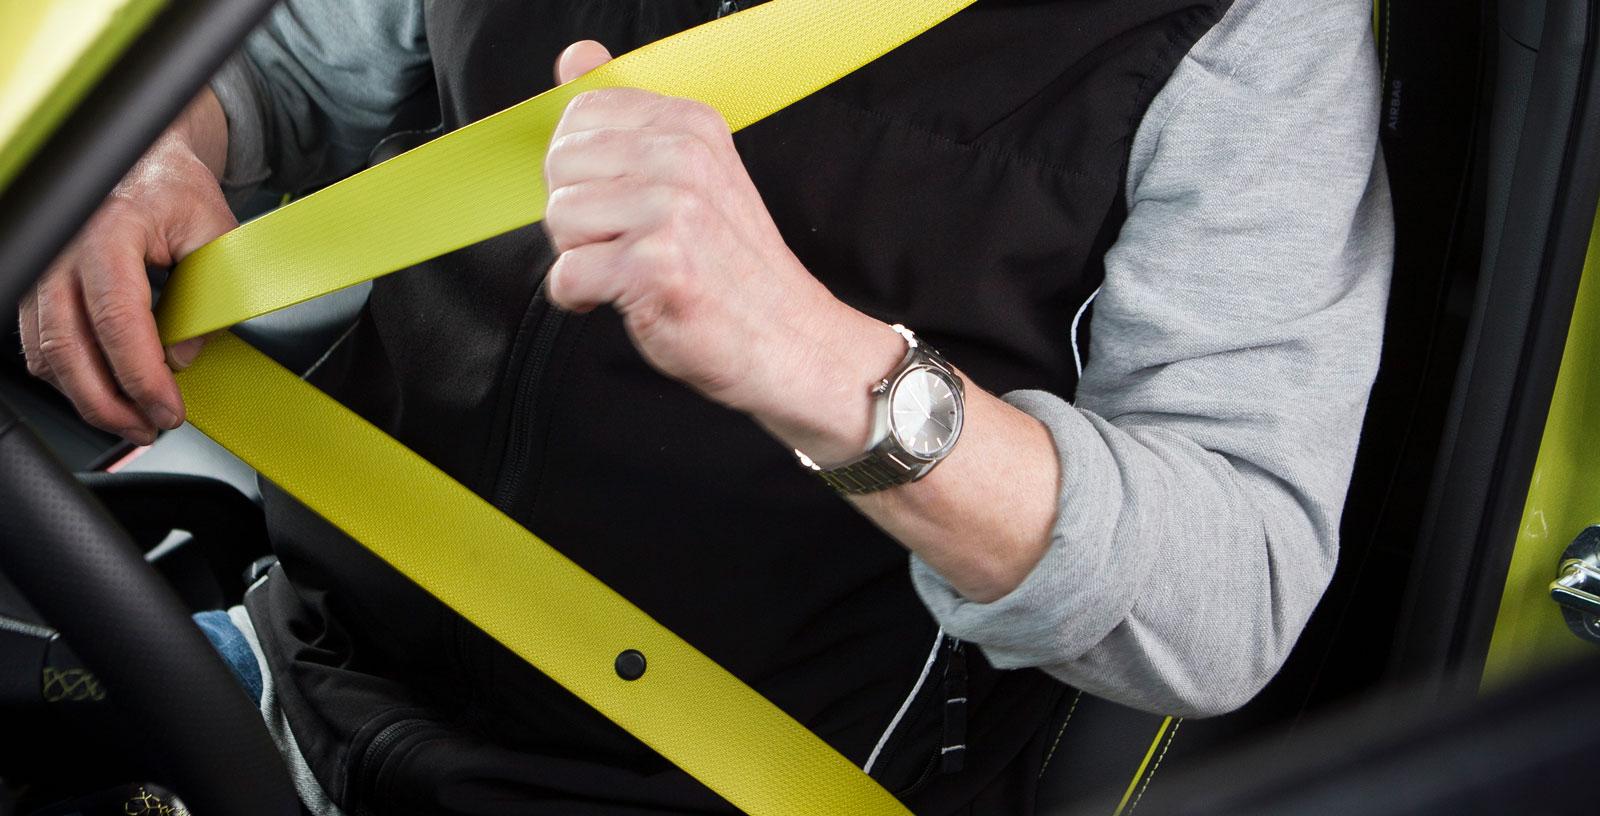 Ljusgula bilbälten ingår i Hyundais Color-pack (tillval).  Man kan undra hur de kommer att se ut efter några månaders användning...